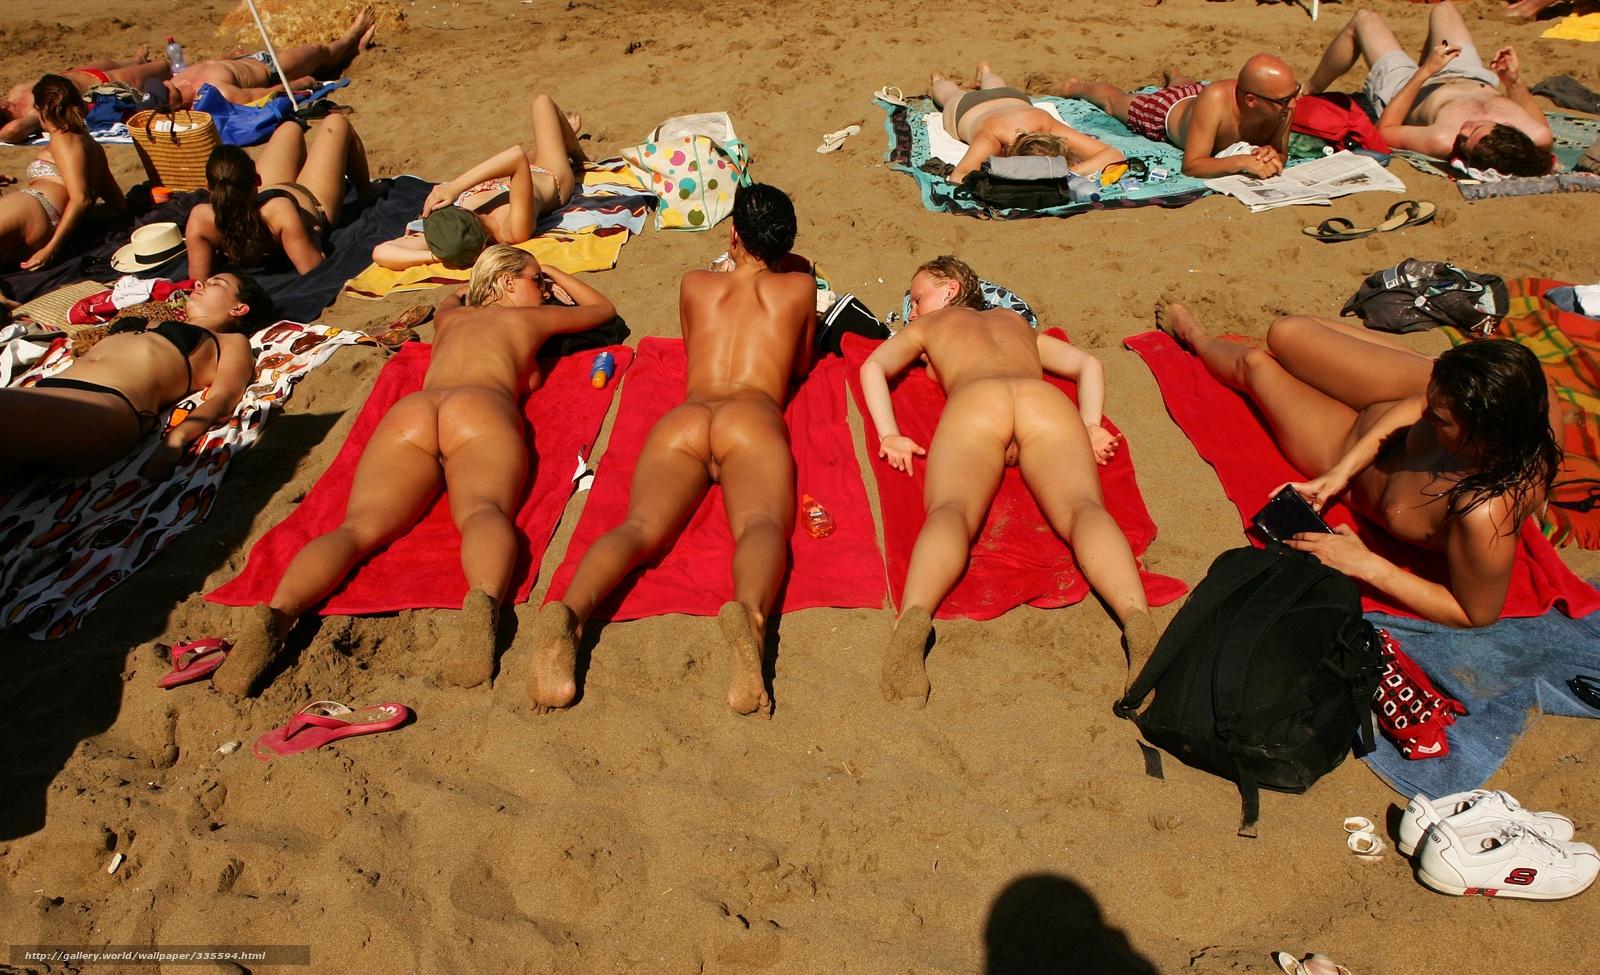 Эротический пляж на ибице фото 2 фотография